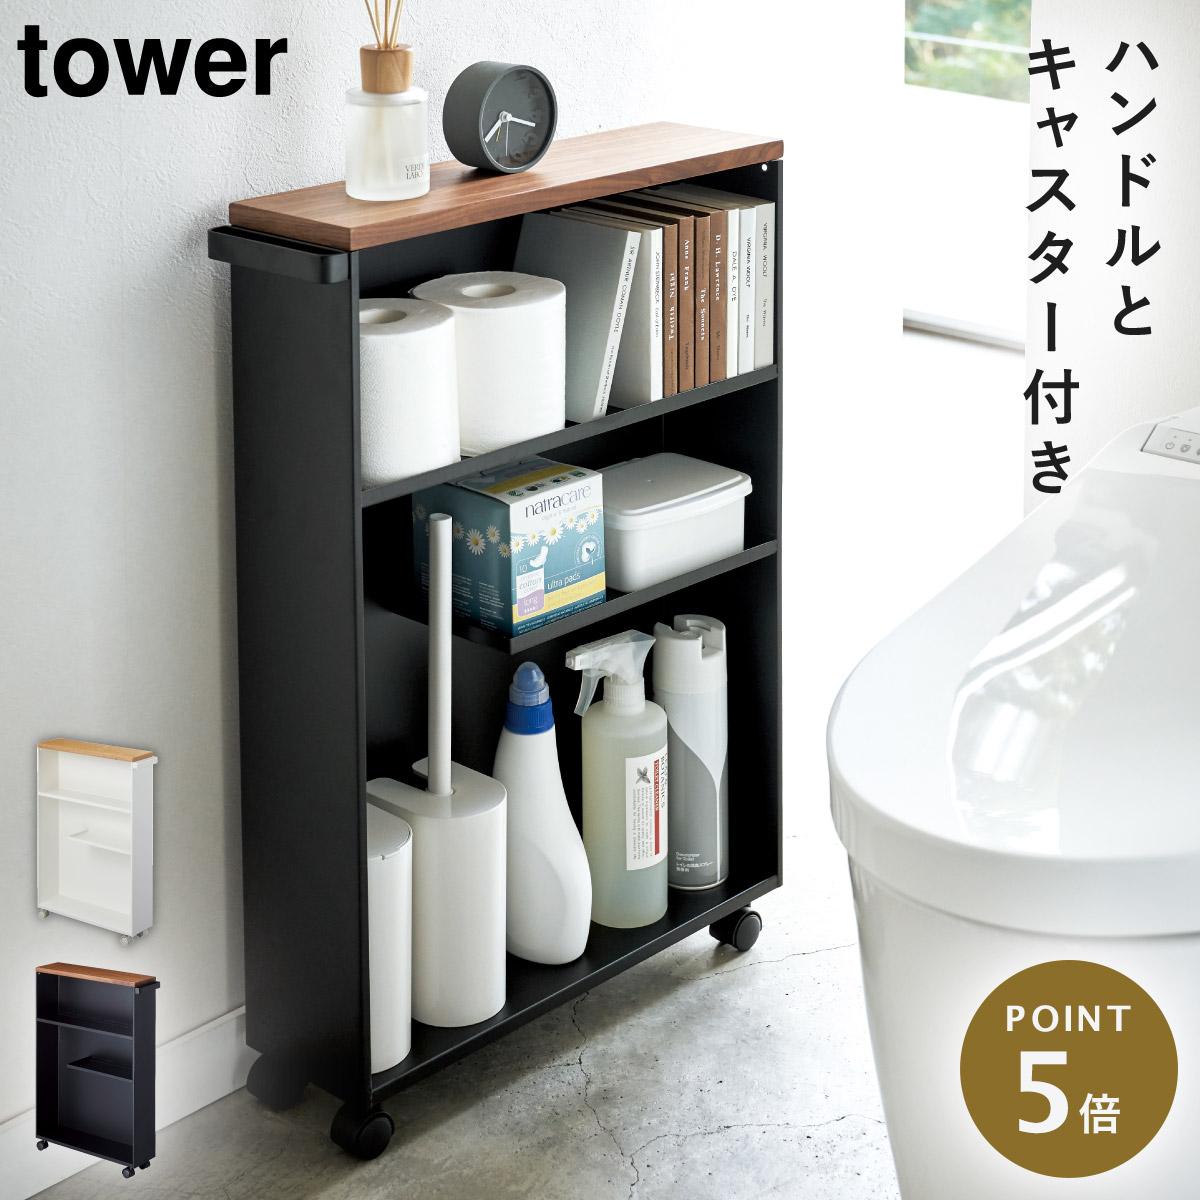 トイレラック スリム 隙間収納 収納棚 ハンドル付きスリムトイレラック タワー tower シンプル ホワイト ブラック